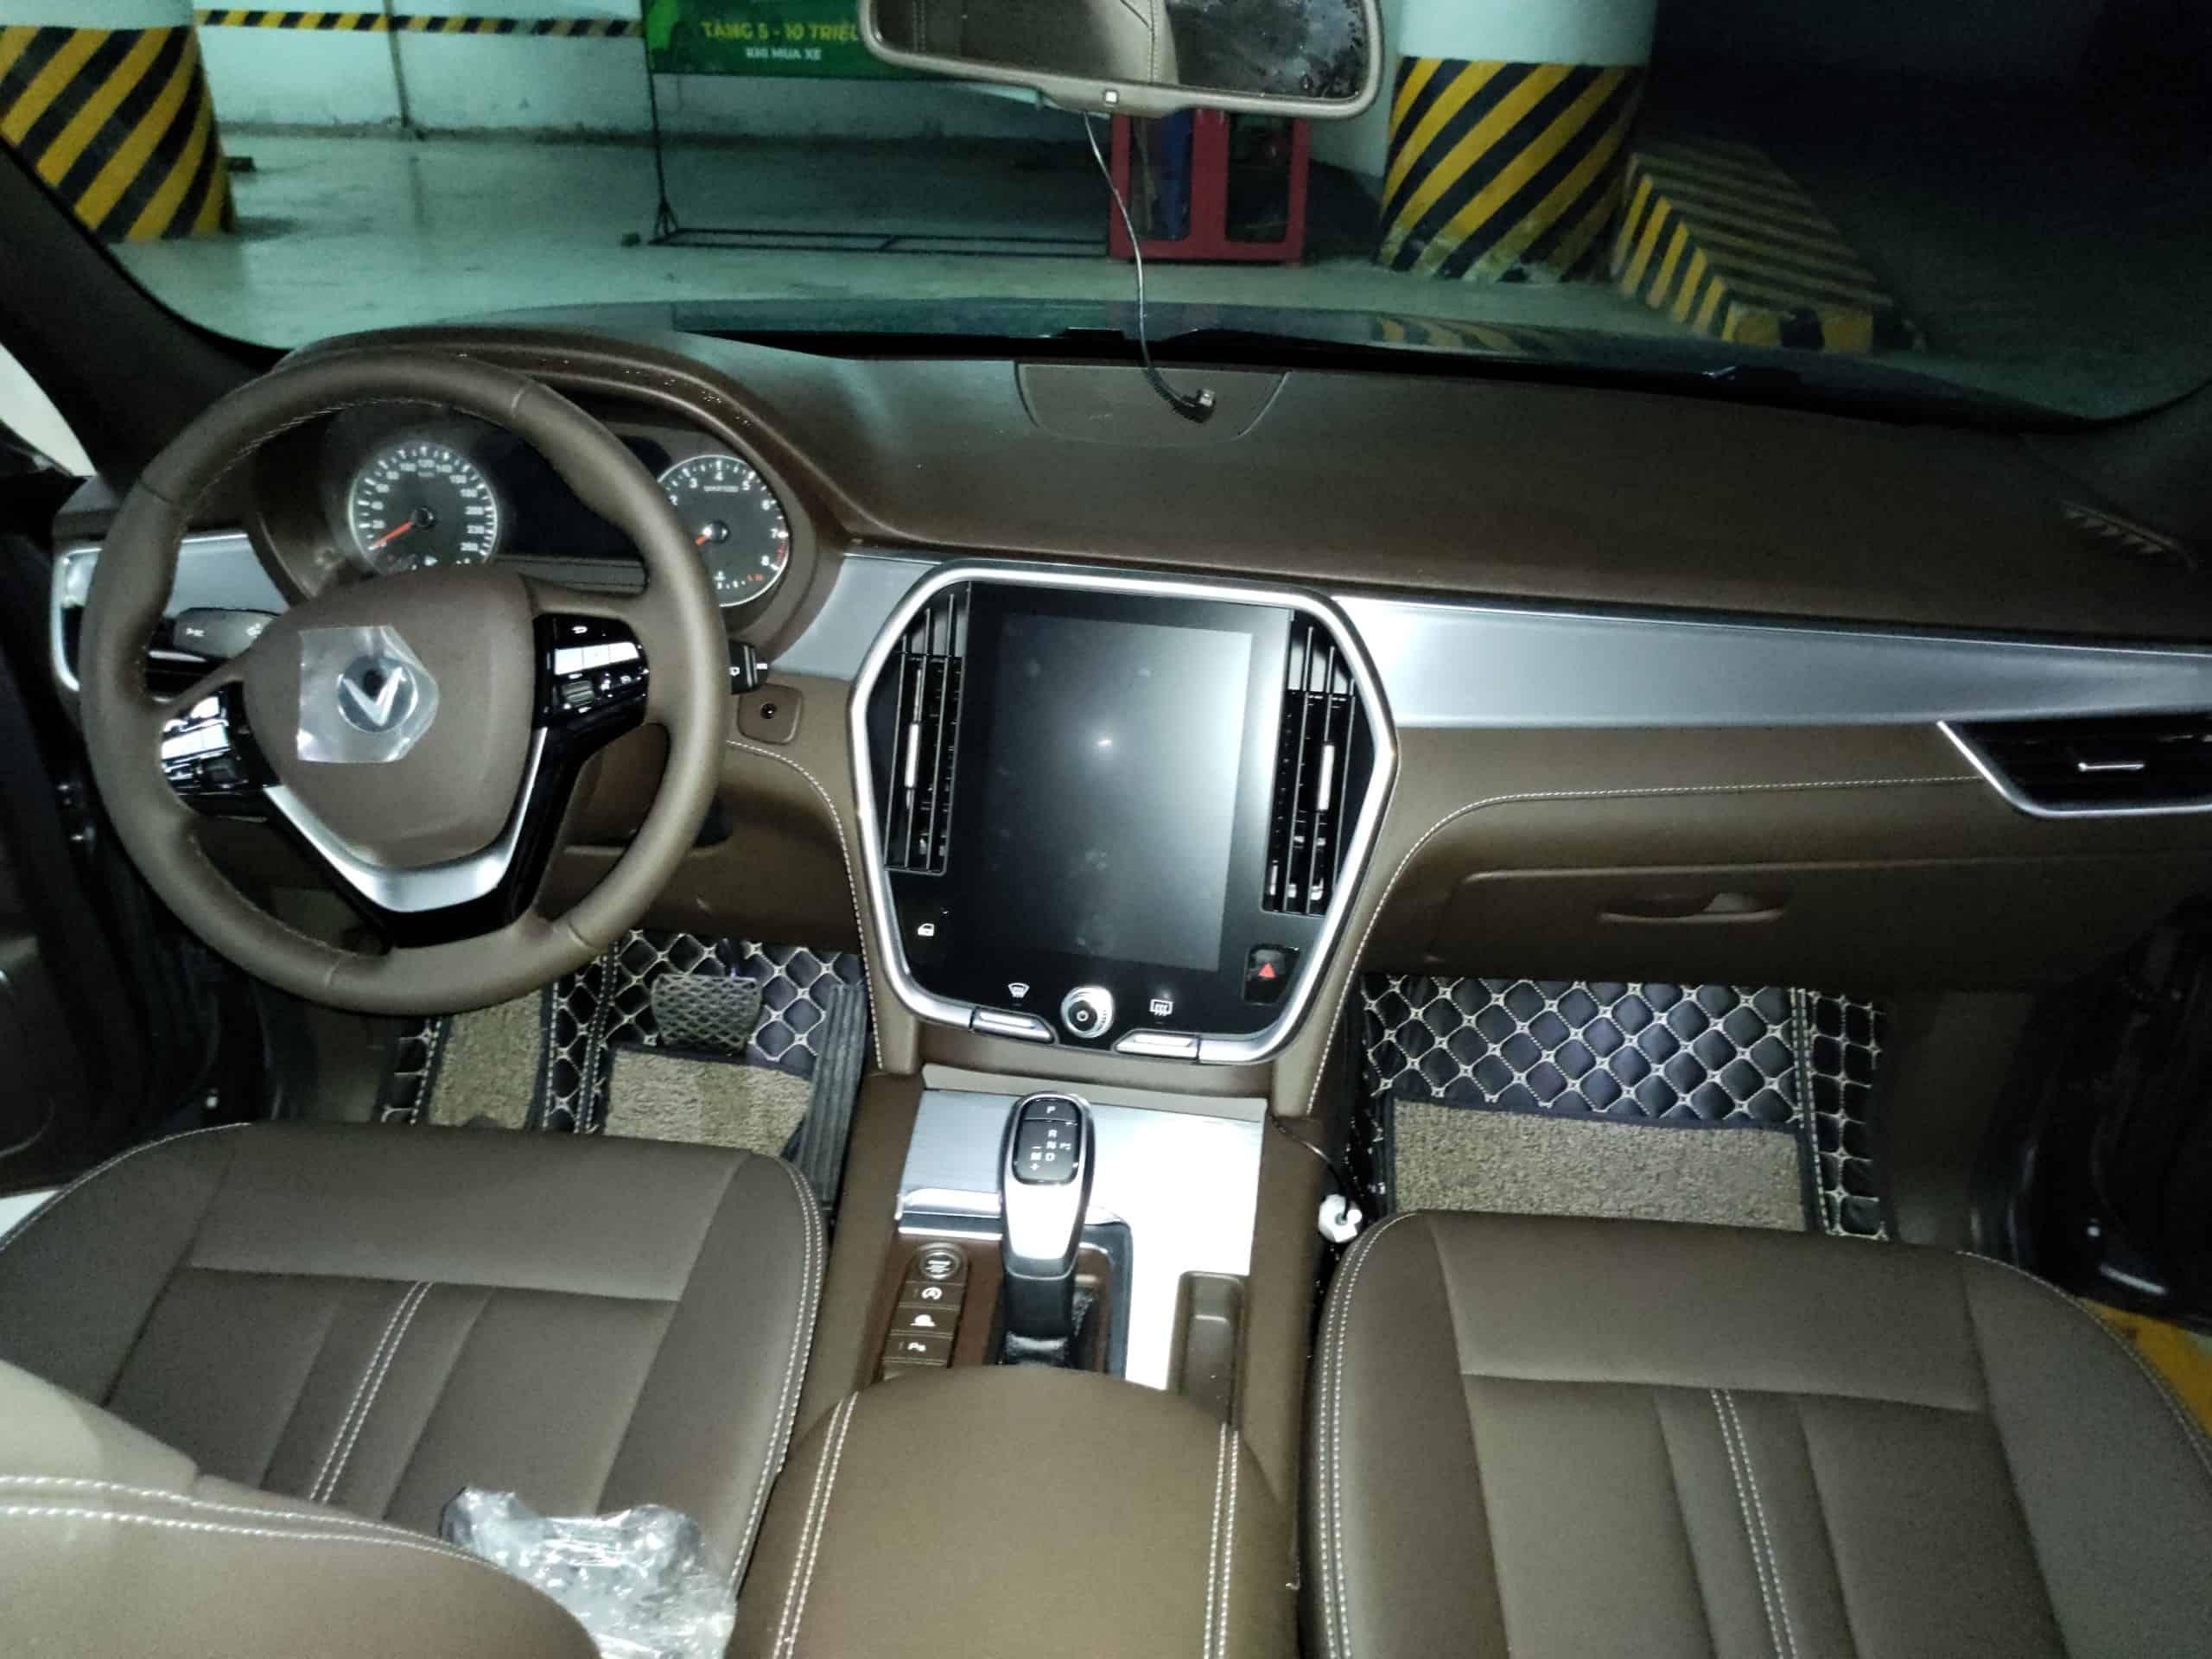 hàng ghế trước nội thất da nappa đen, táp lô ốp nhôm của VinFast Lux SA2.0 bản cao cấp (premium)